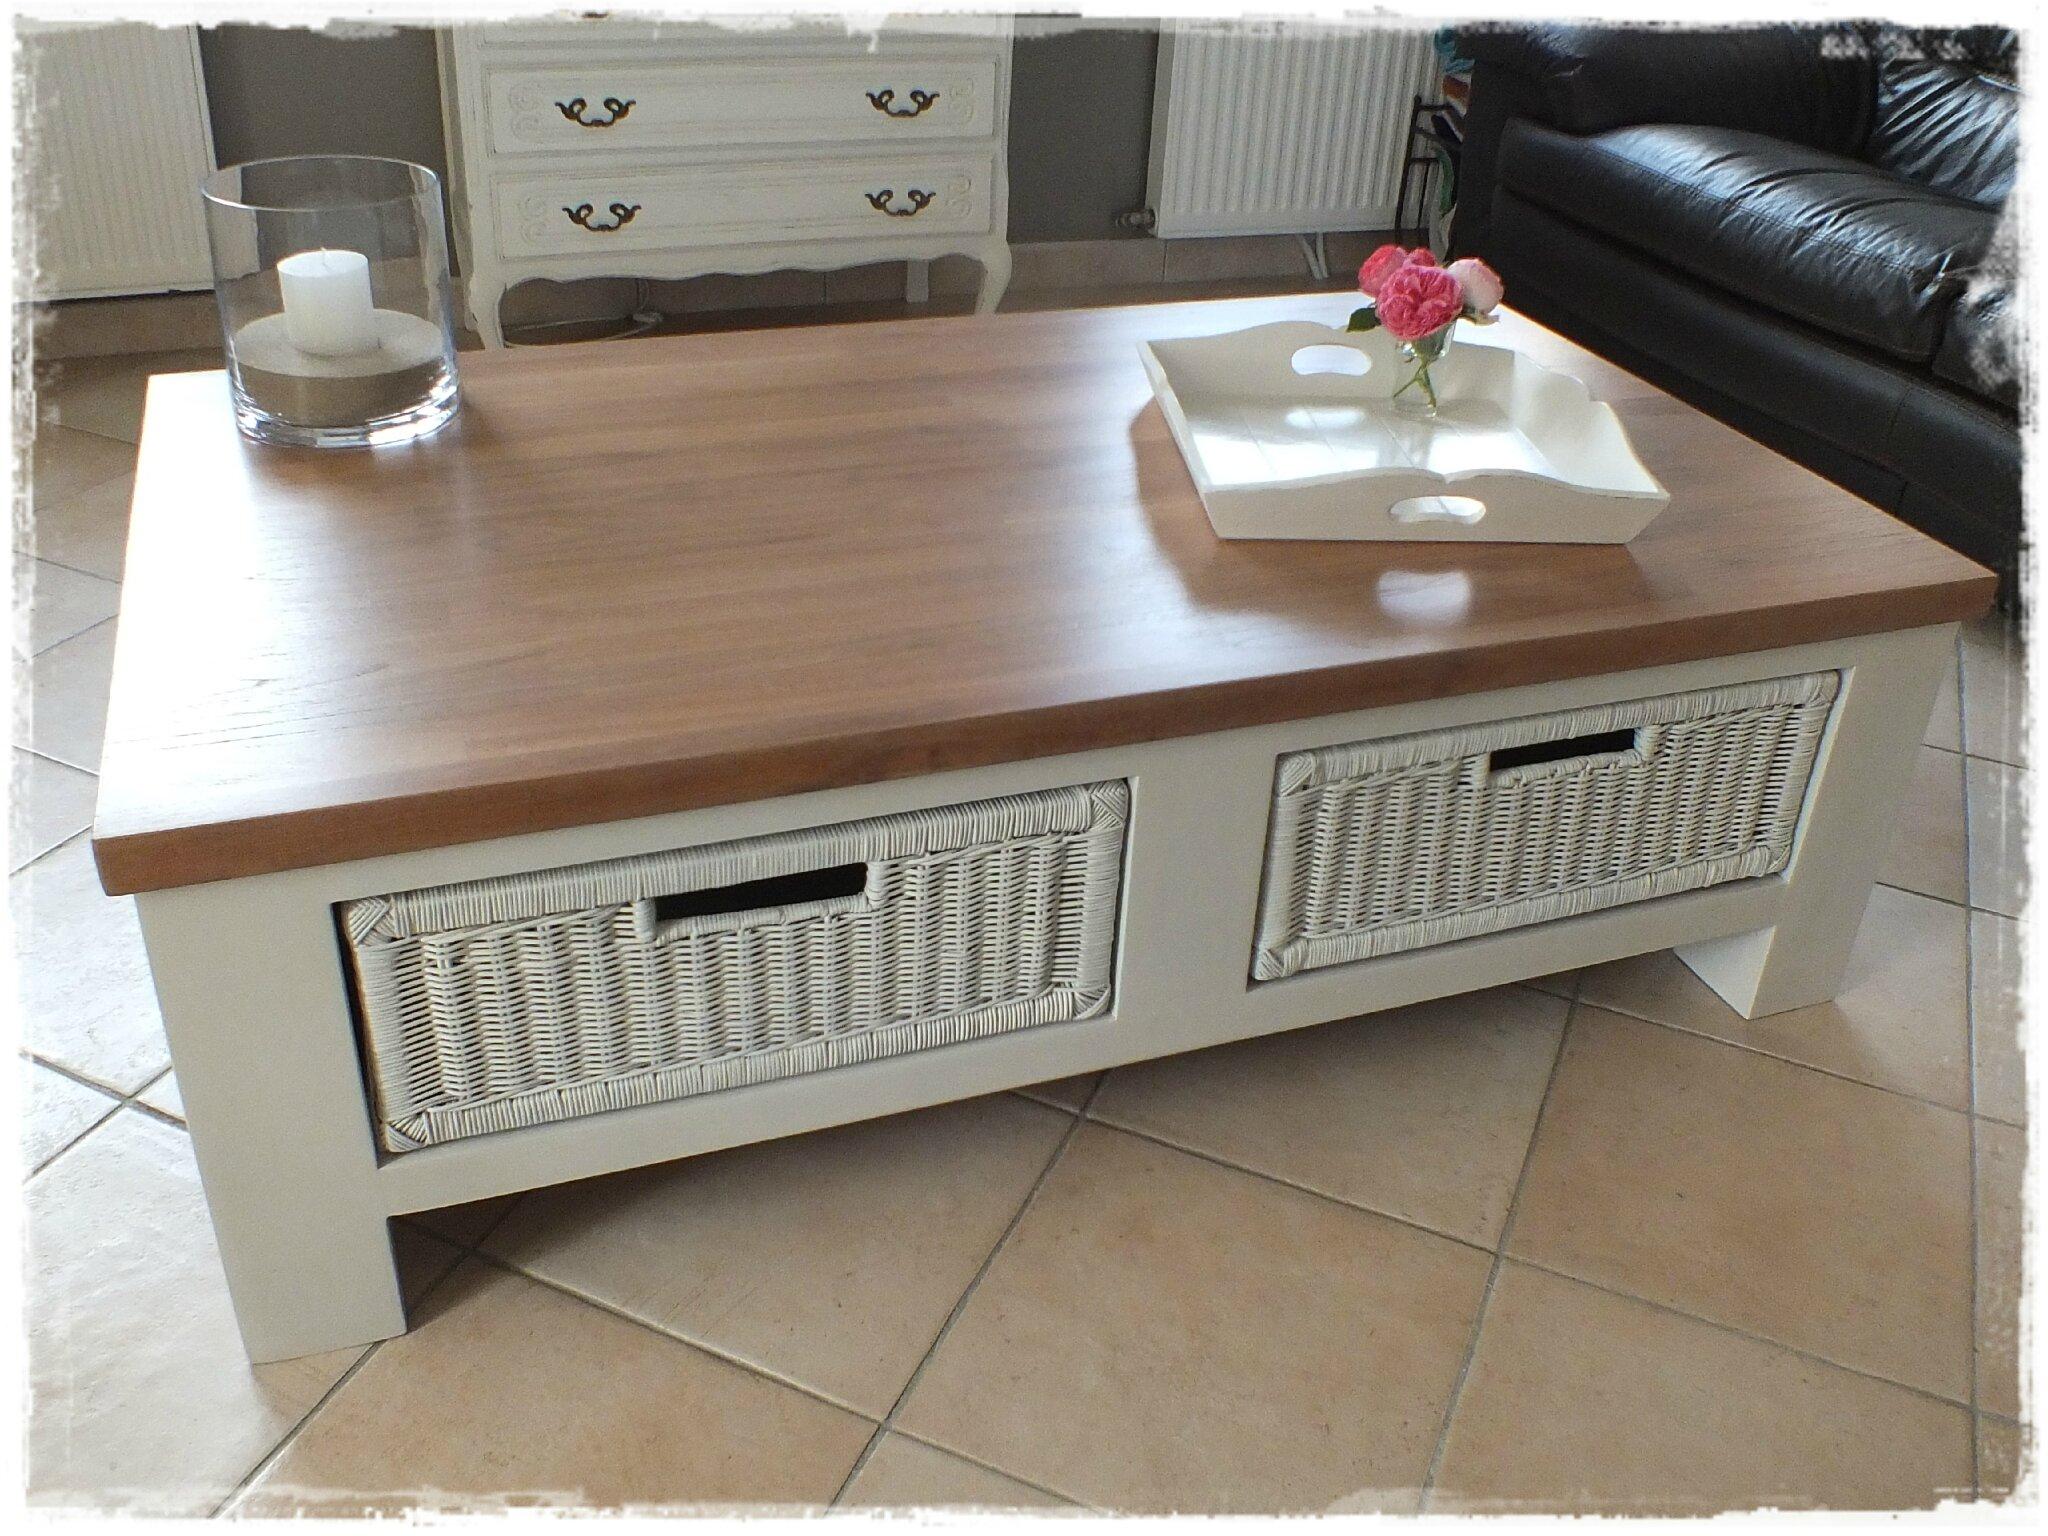 D coration peinture speciale meuble cuisine 3927 for Peinture speciale cuisine